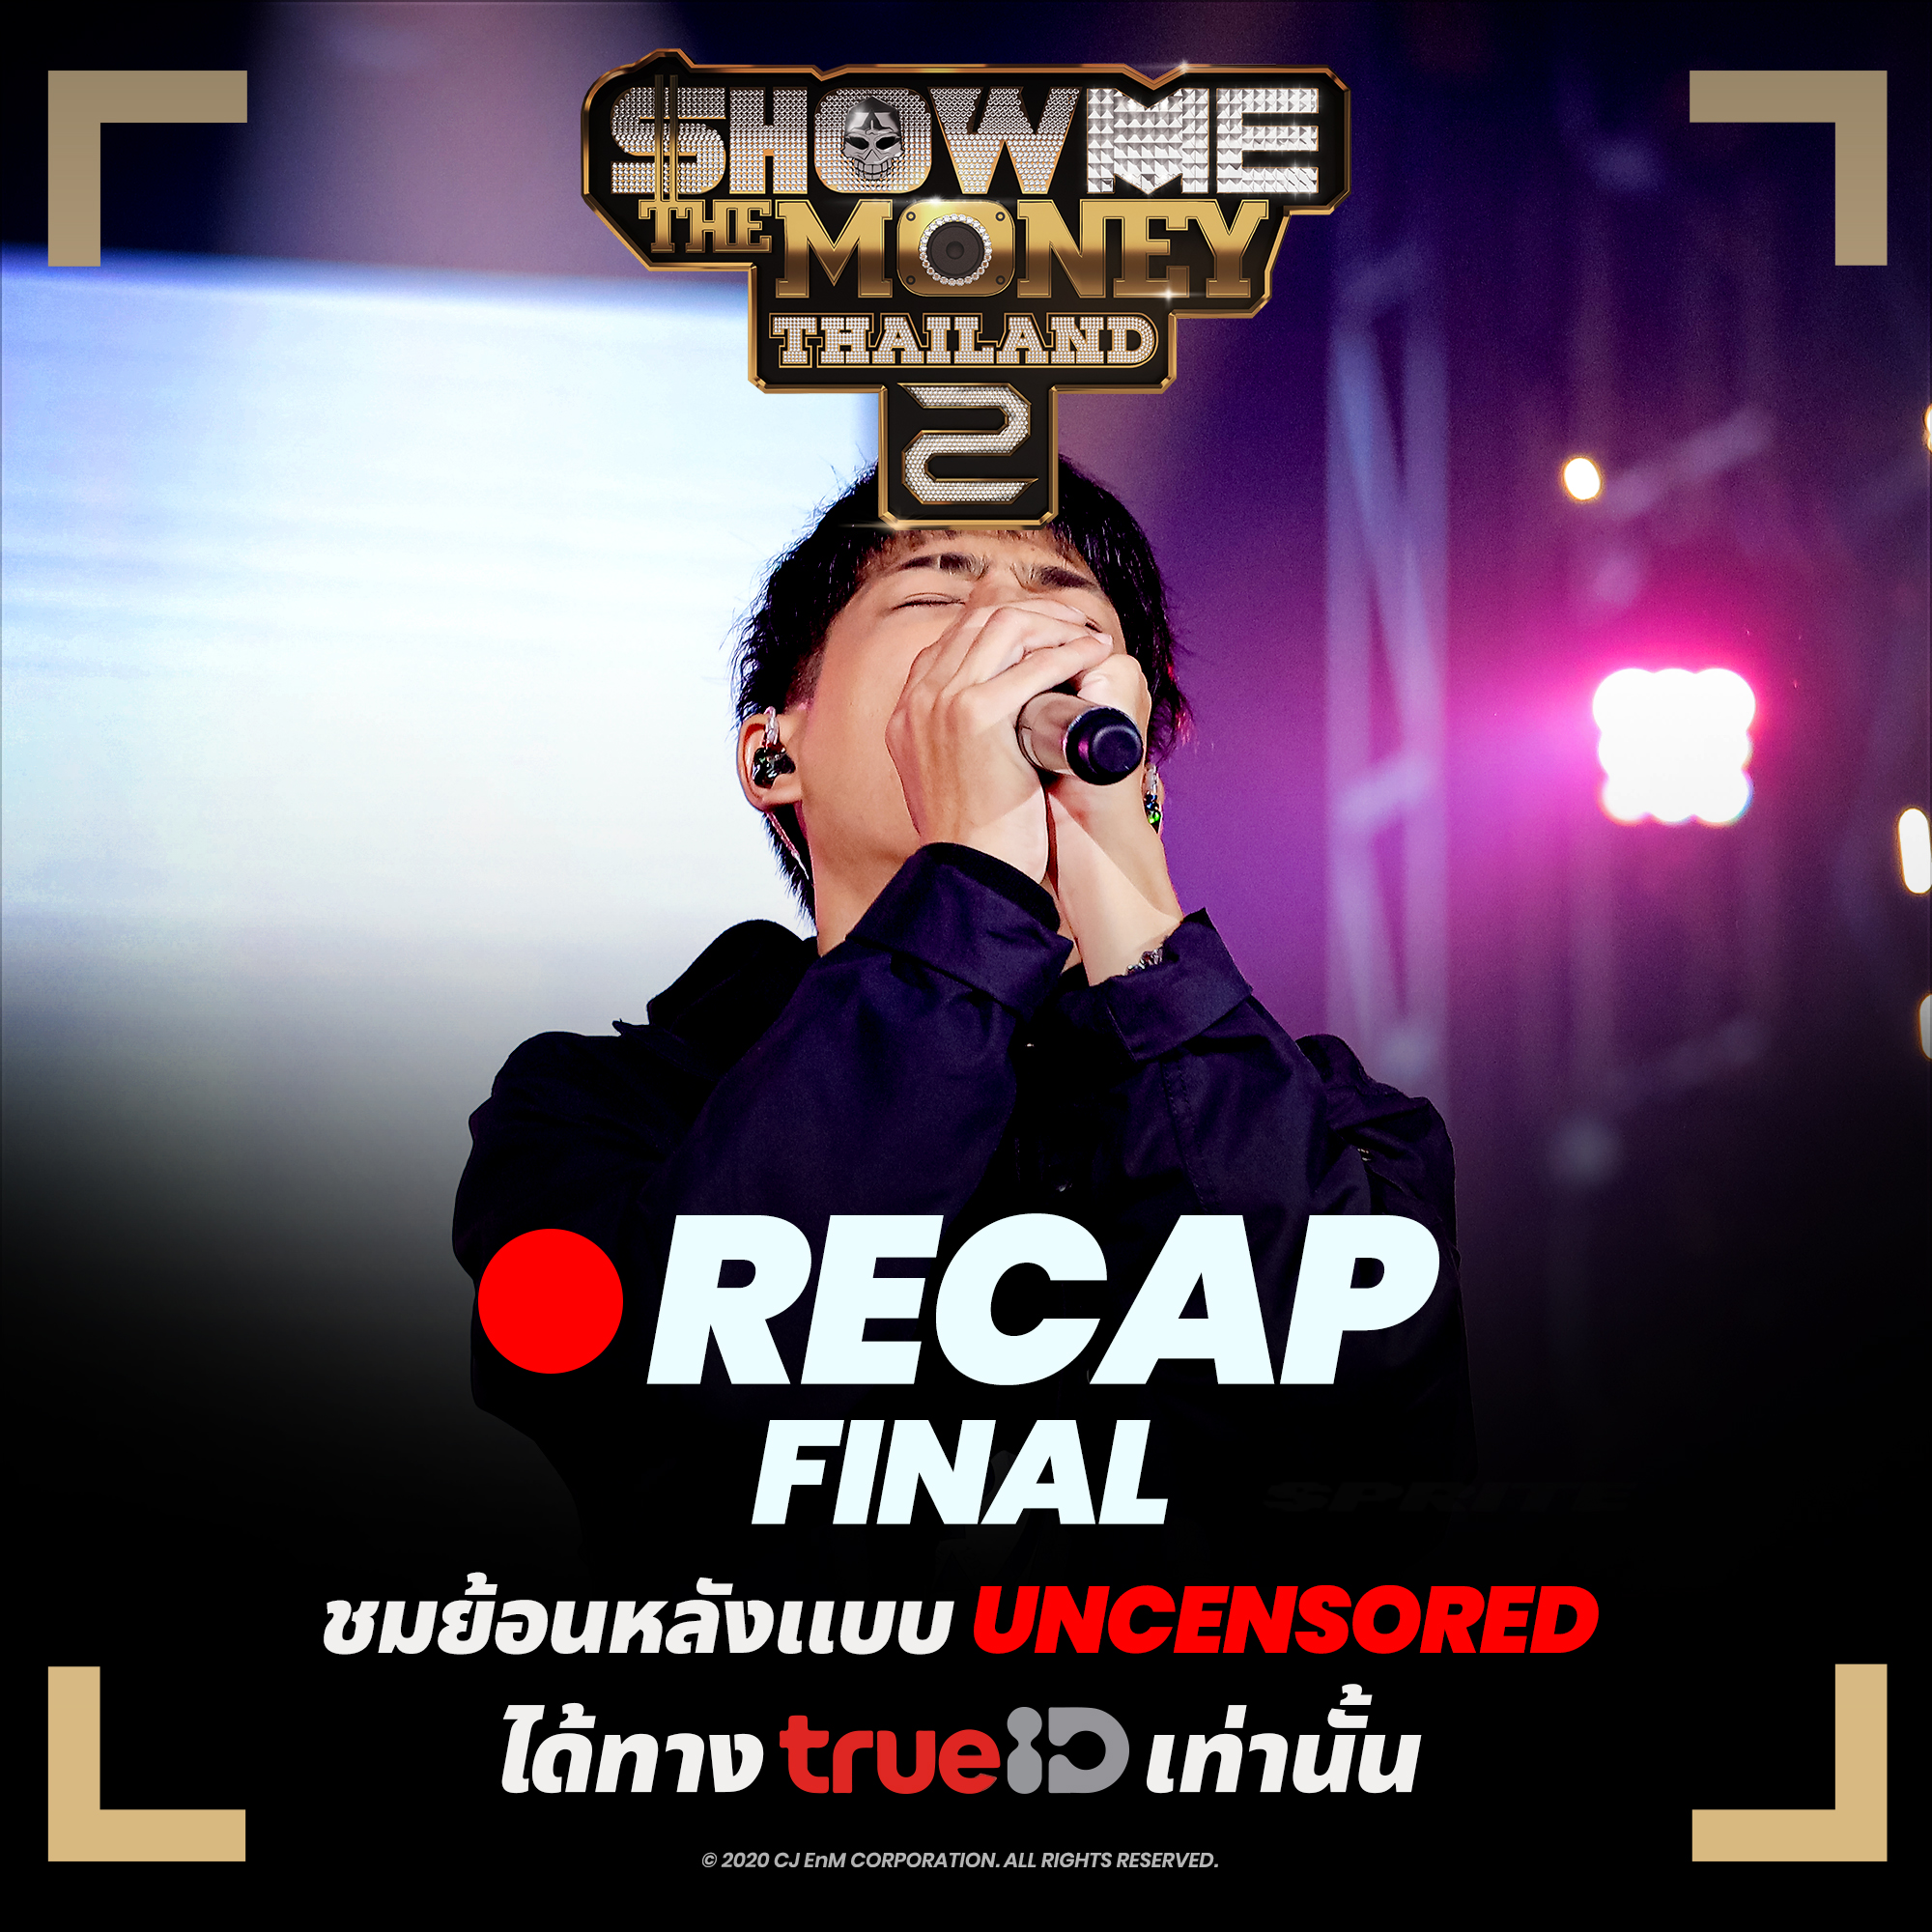 RECAP : Final